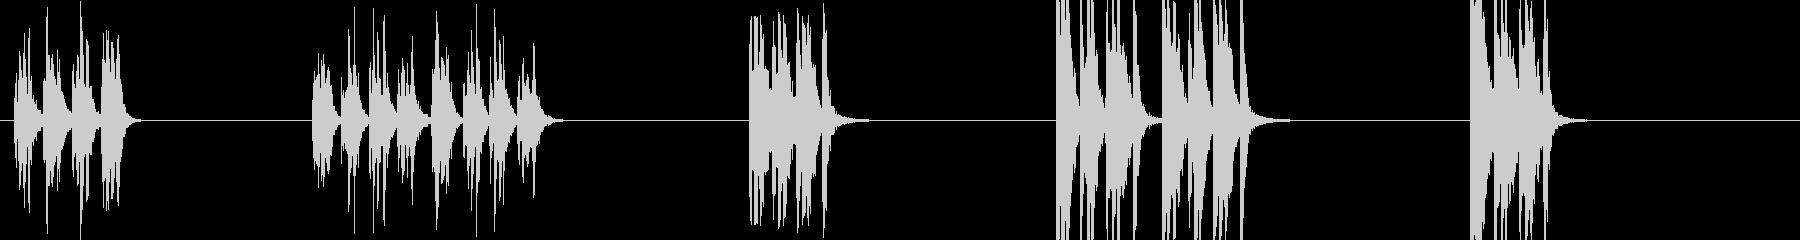 ドラムフィル-5つのエフェクト。さ...の未再生の波形